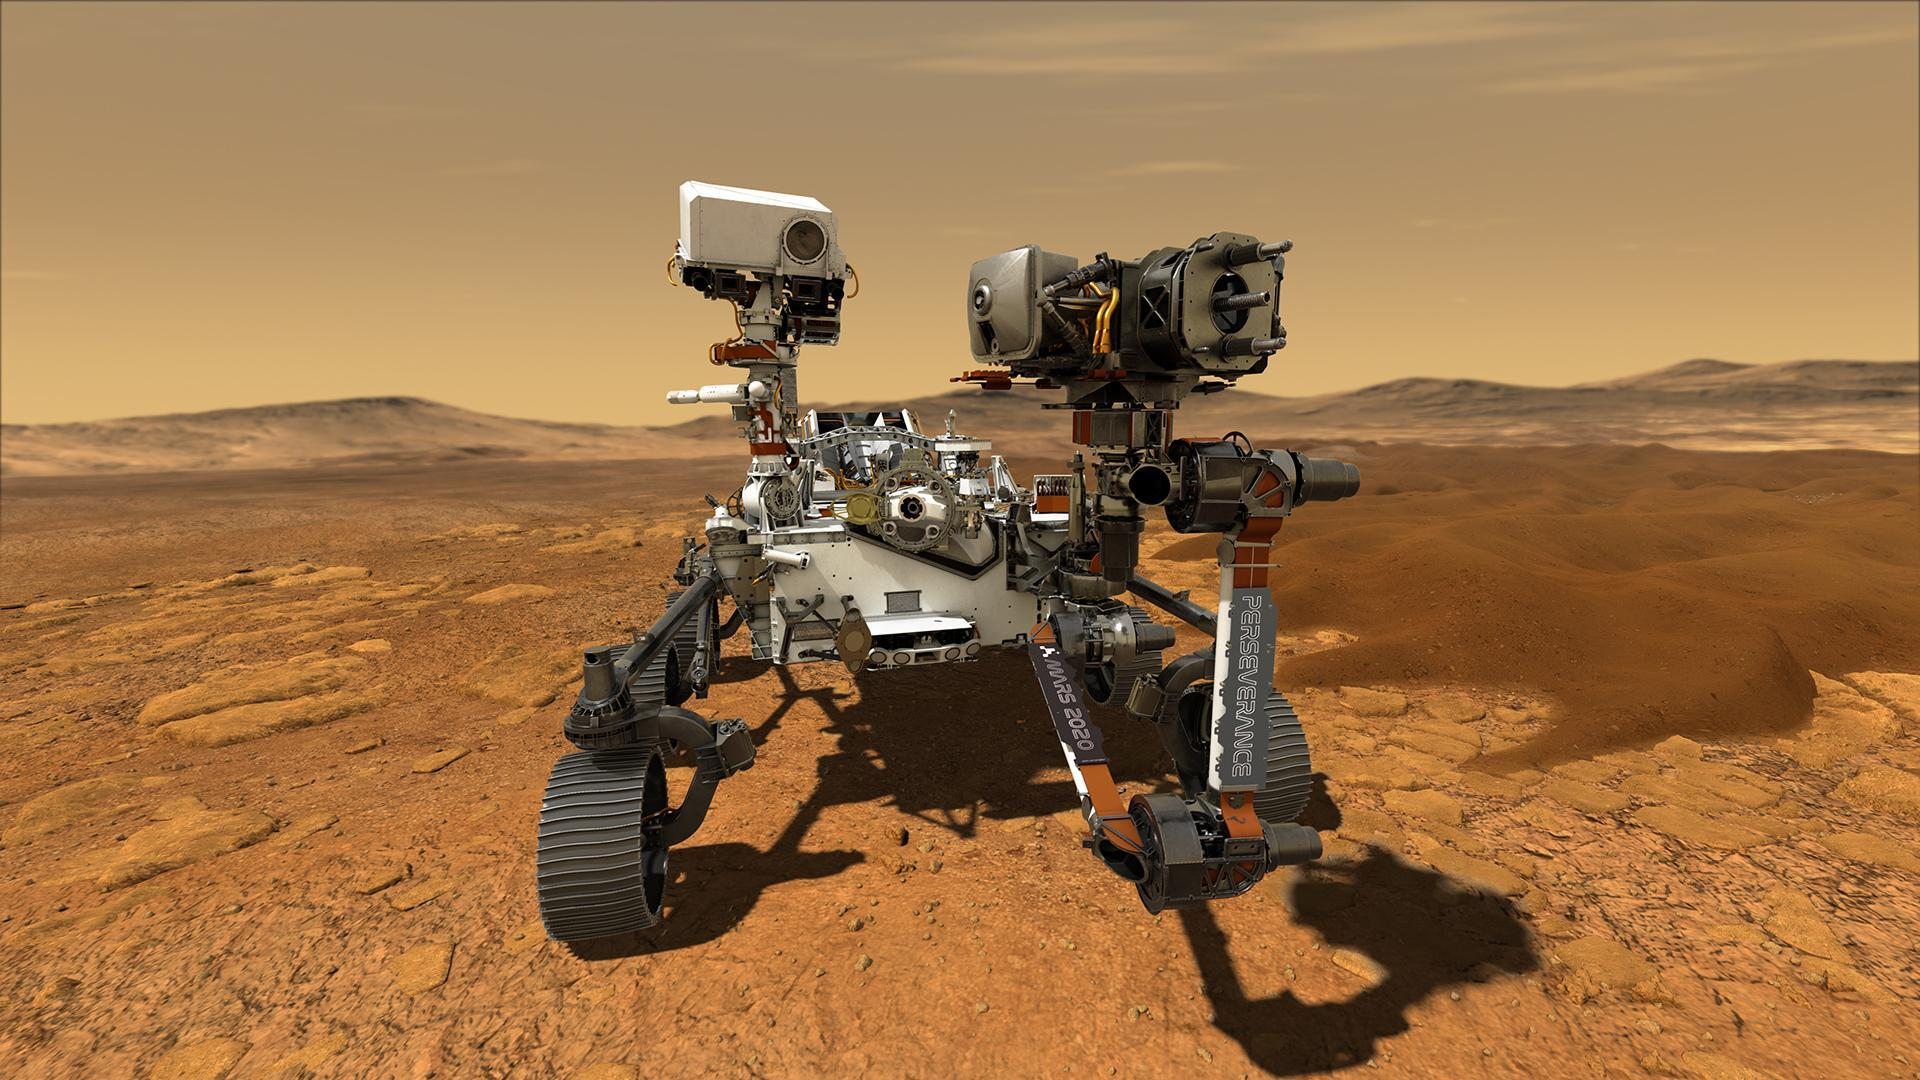 Новый марсианский ровер NASA оказался менее мощным, чем многие смартфоны